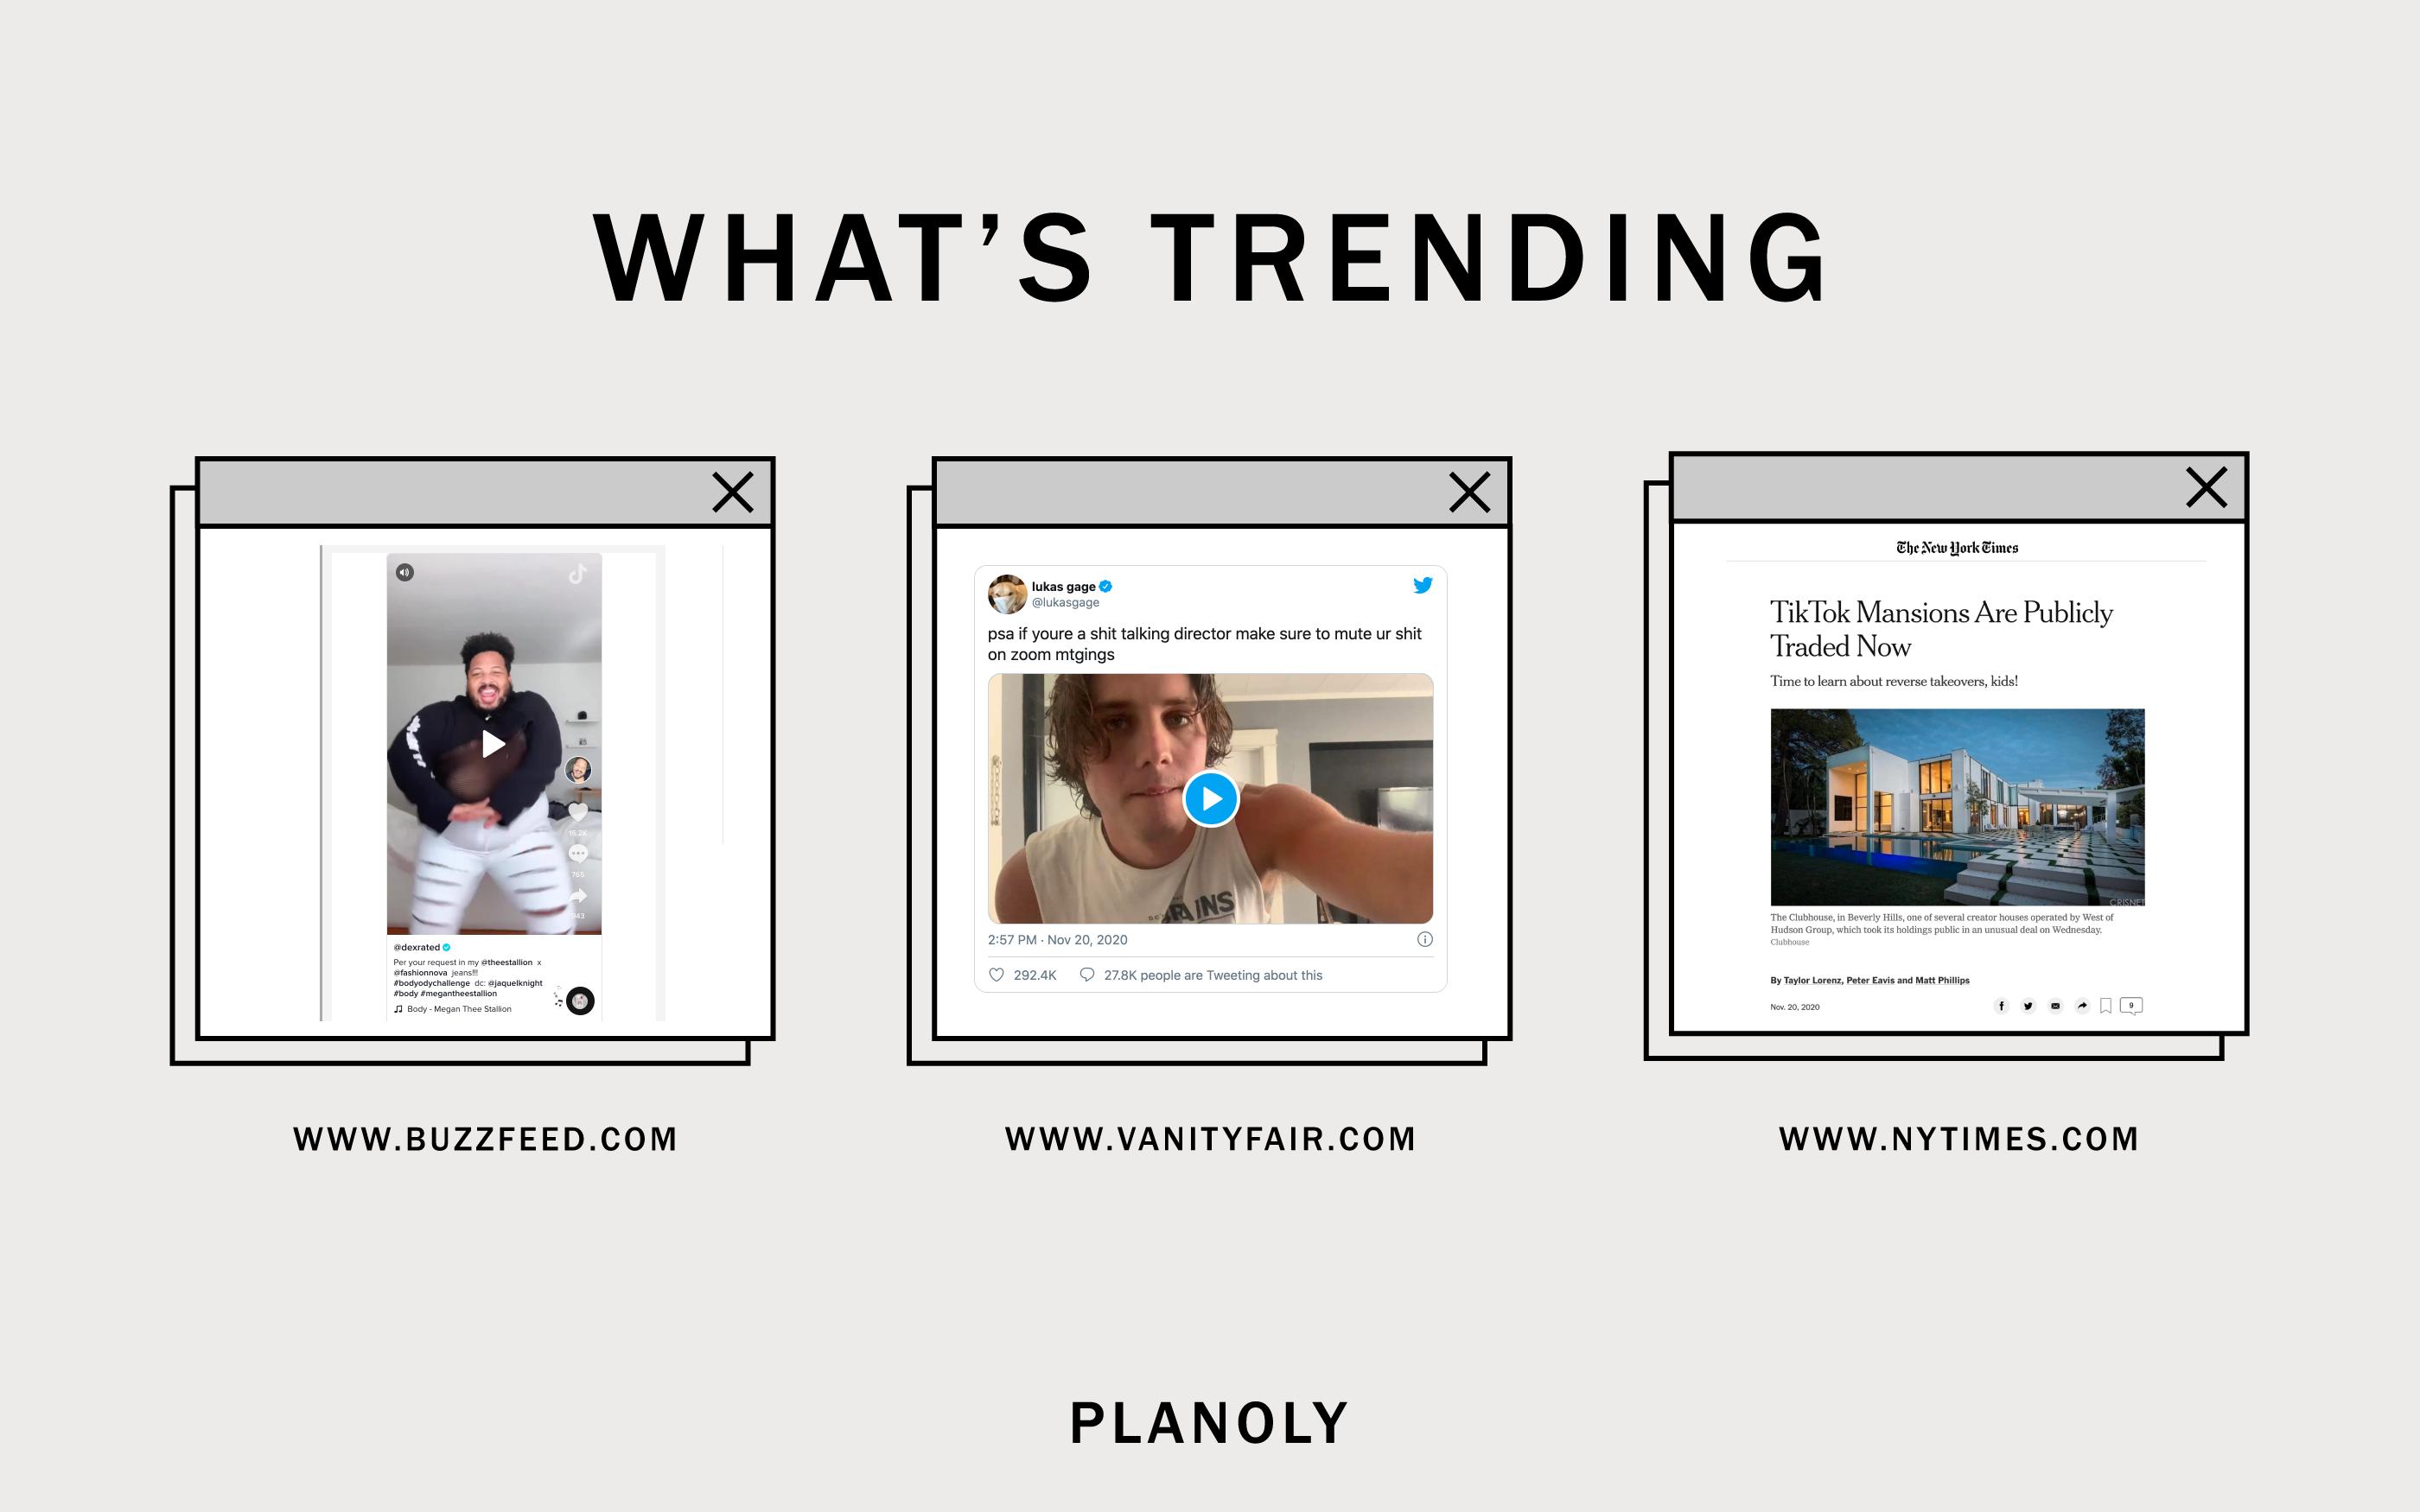 PLANOLY - Social Sphere - 11.30 - Blog AssetsArtboard 2